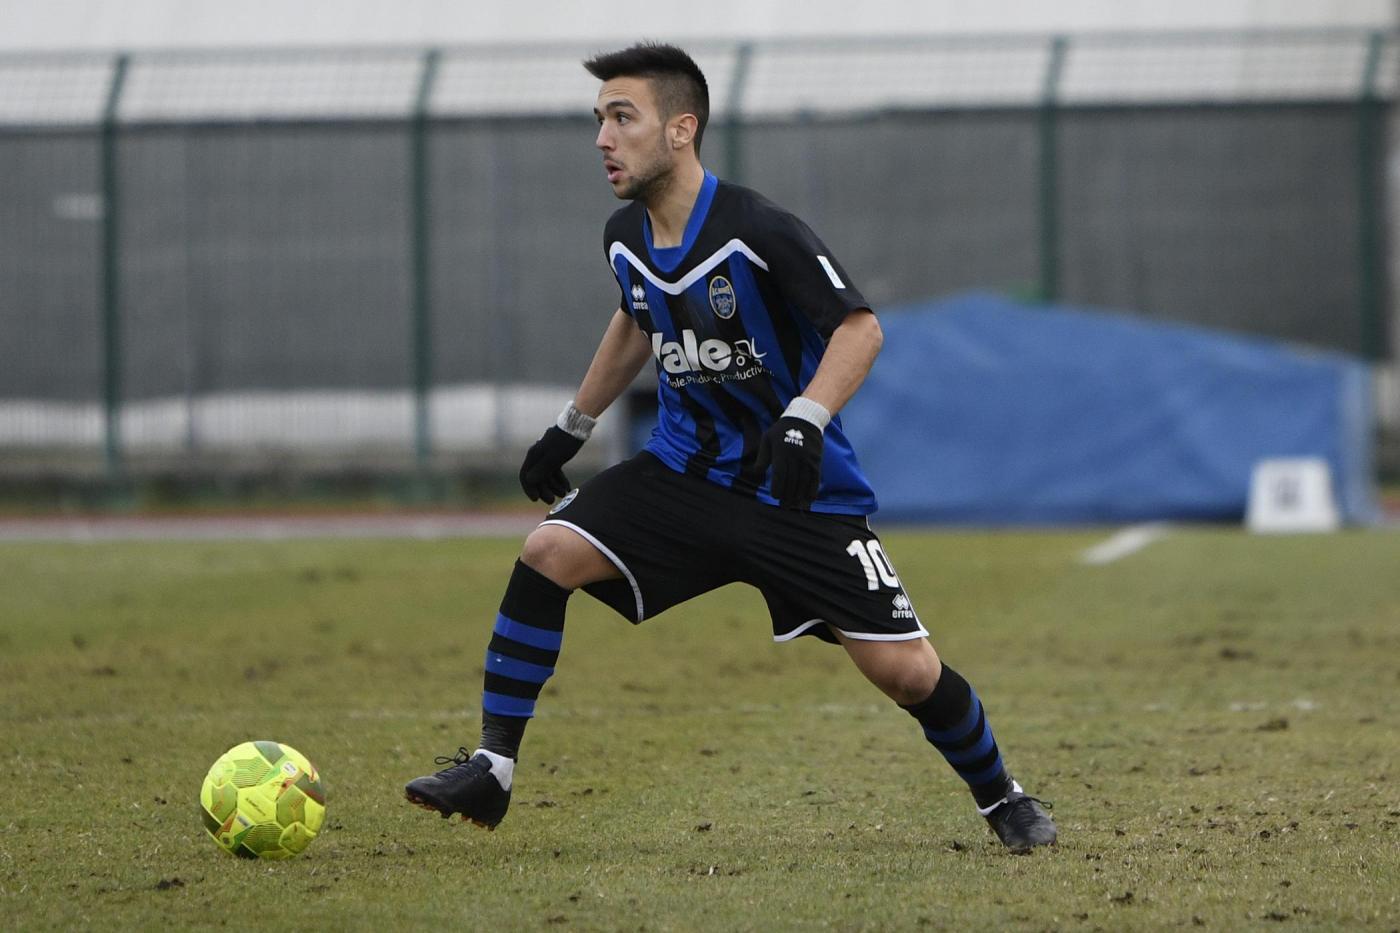 Renate-Rimini 26 dicembre: match della 19 esima giornata del gruppo B di Serie C. I locali sono ultimi in classifica e in crisi.